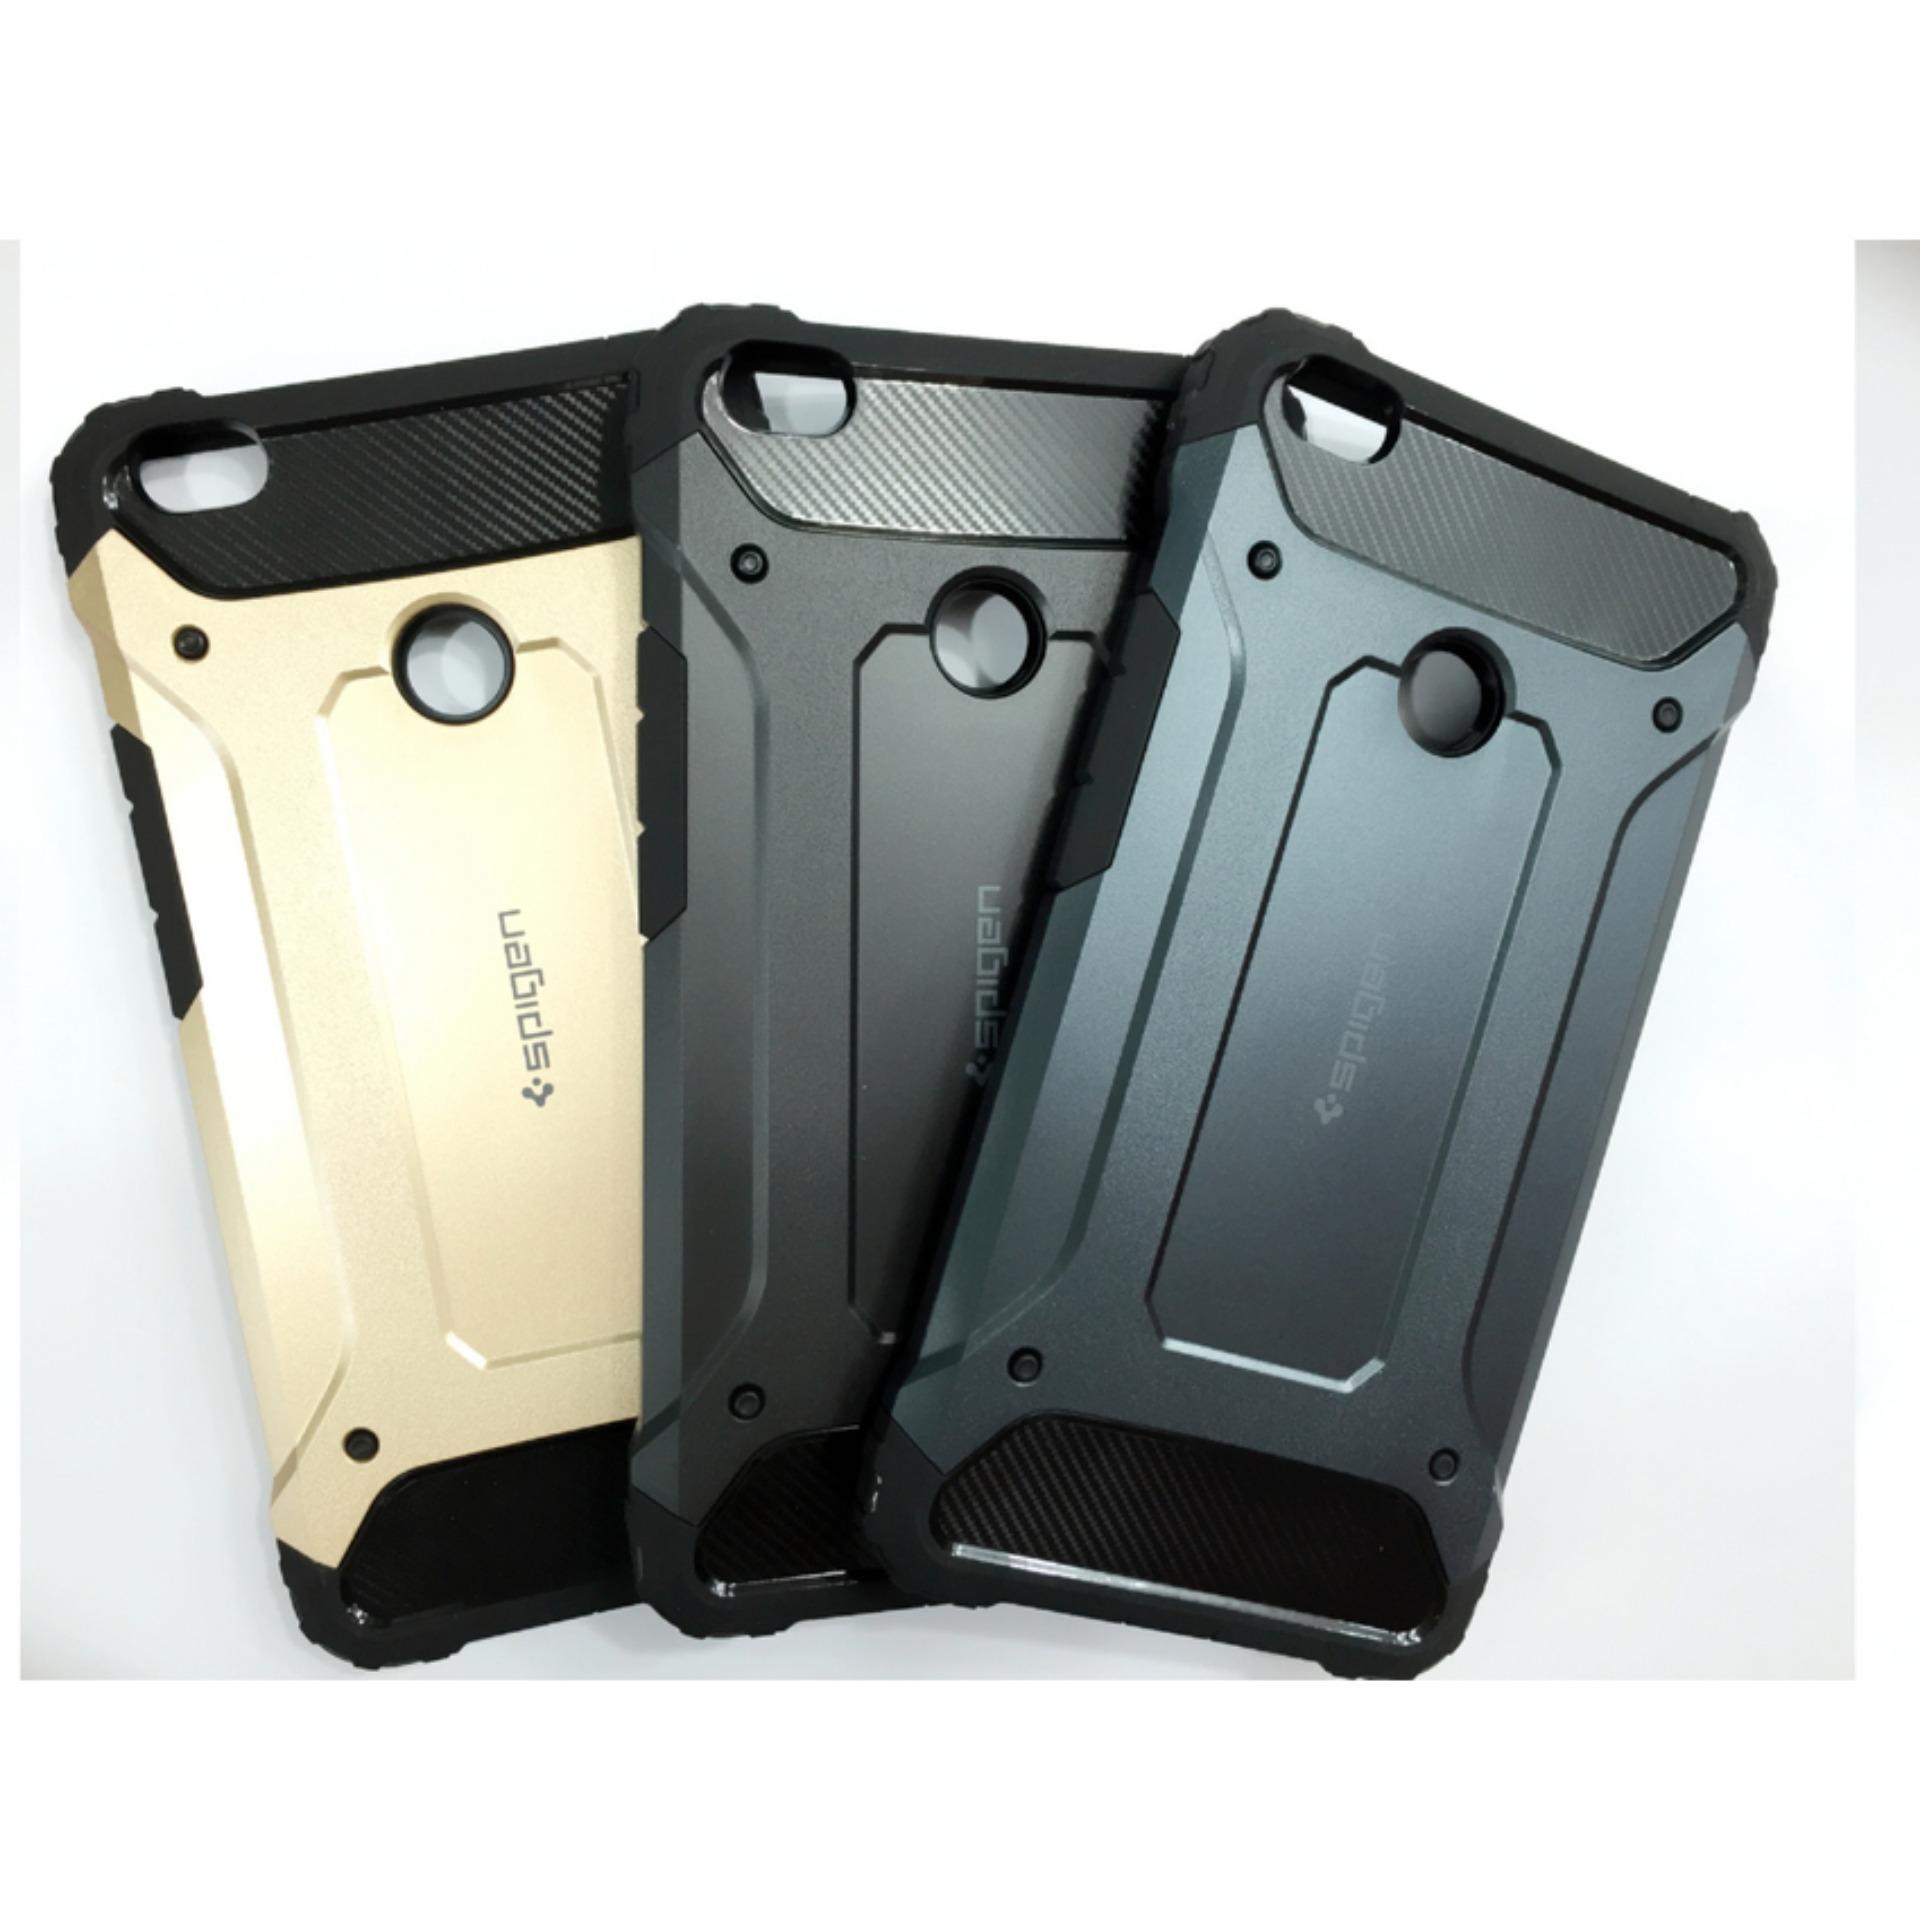 Spigen Tough Armor Shockproof Hybrid Tech Back Case for Xiaomi MiMax - Black + Gratis Tempered ...